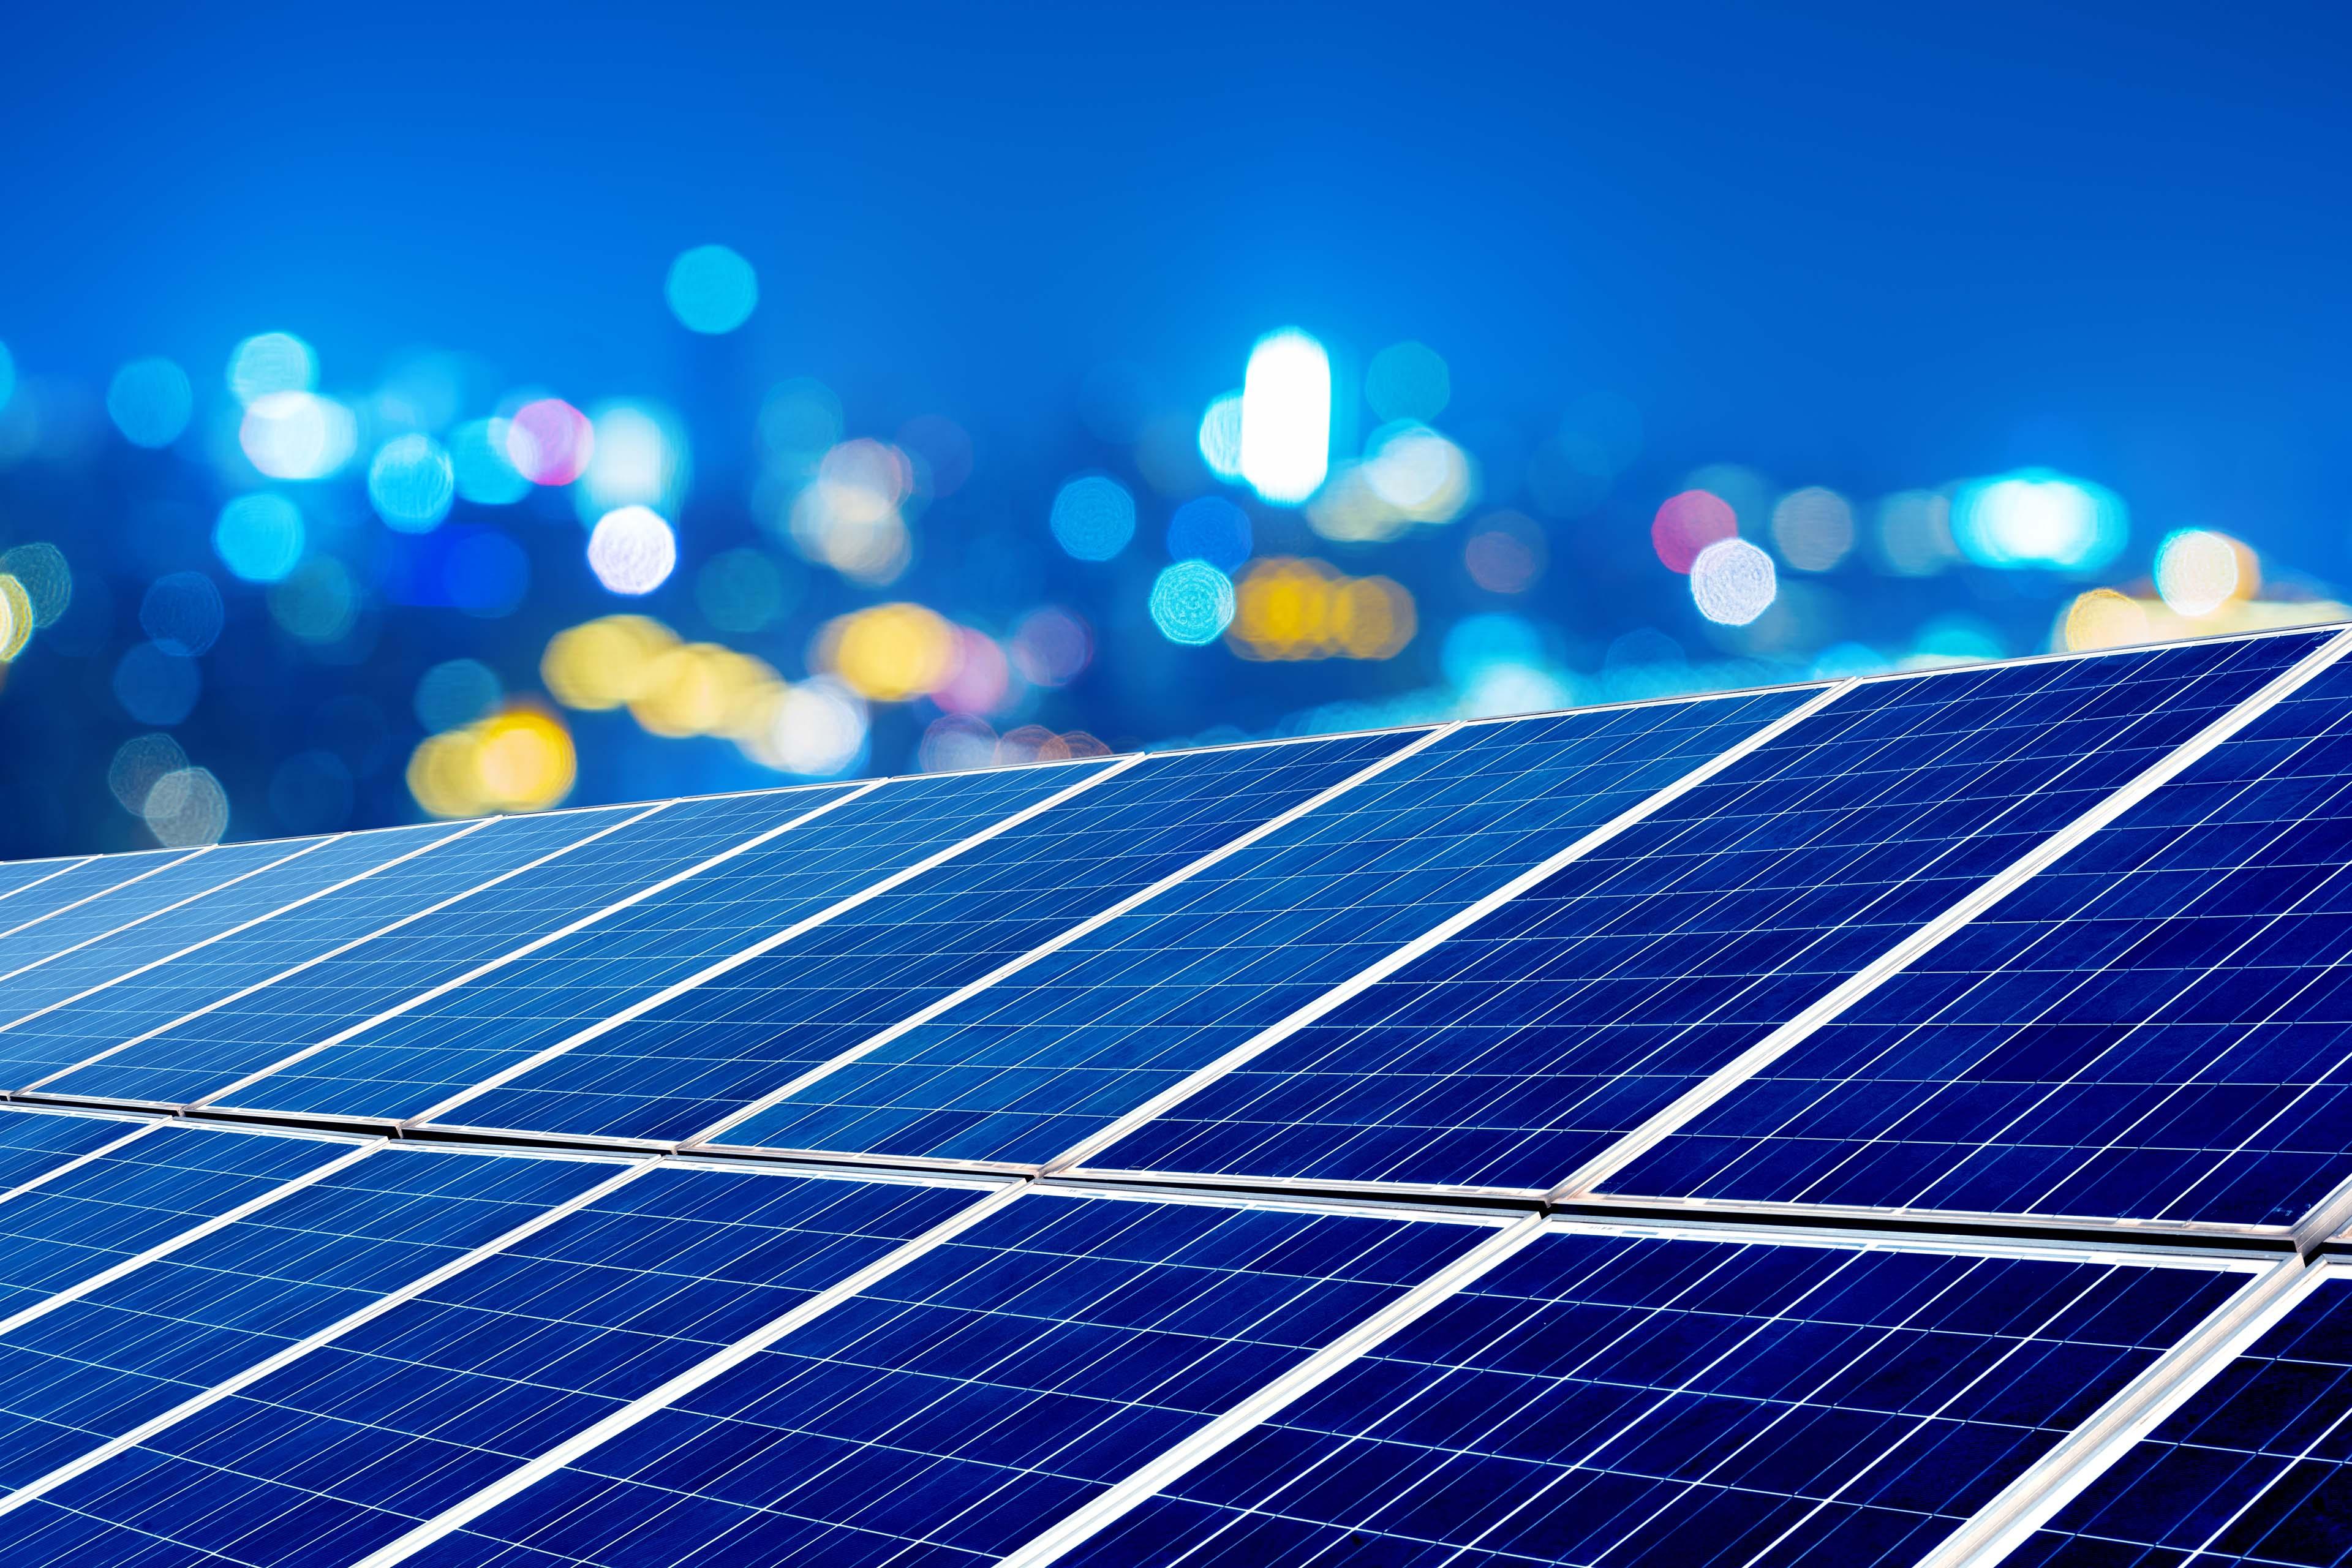 Energy resources - solar panel